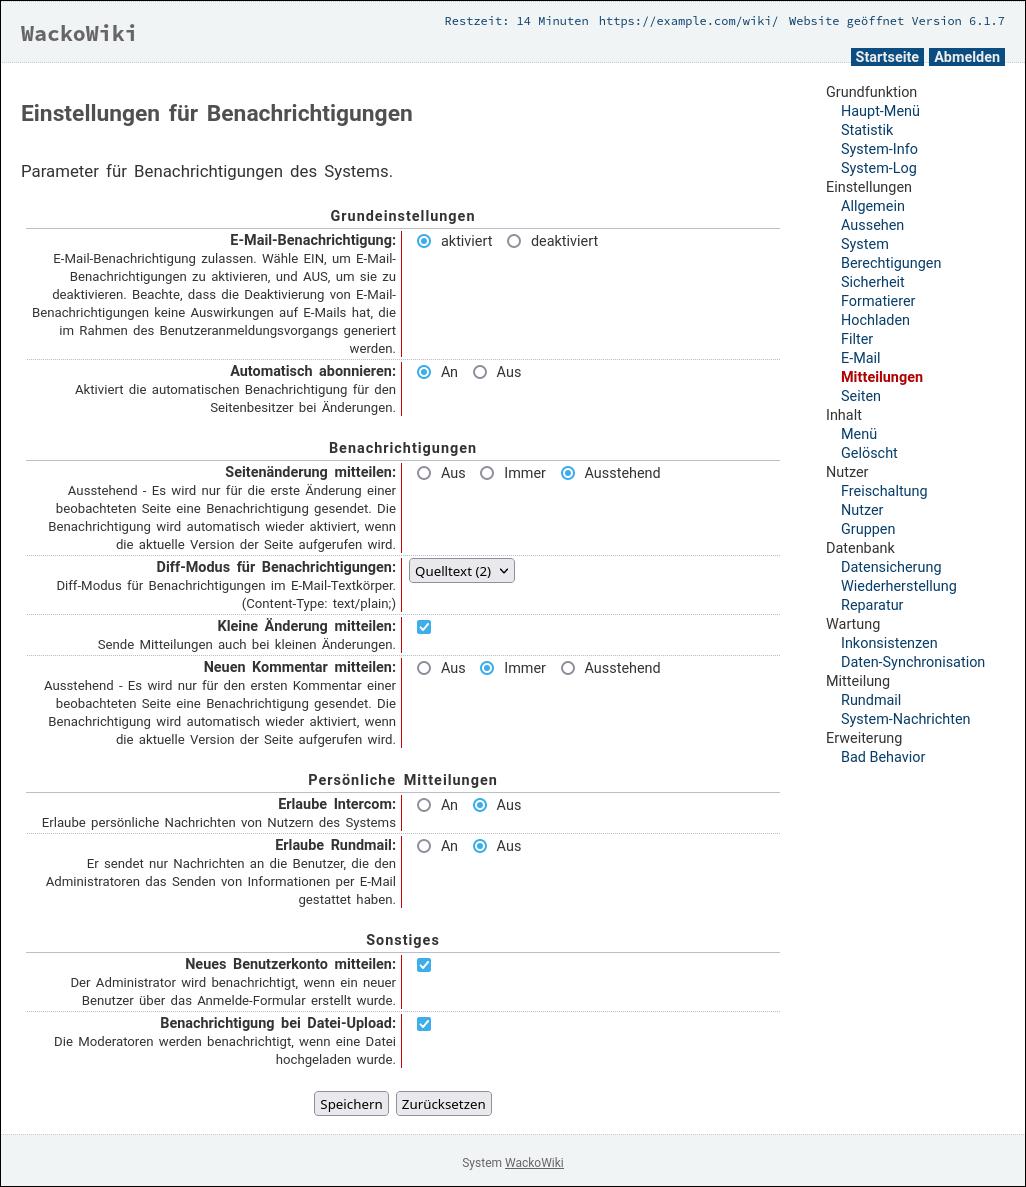 Globale Standardeinstellungen